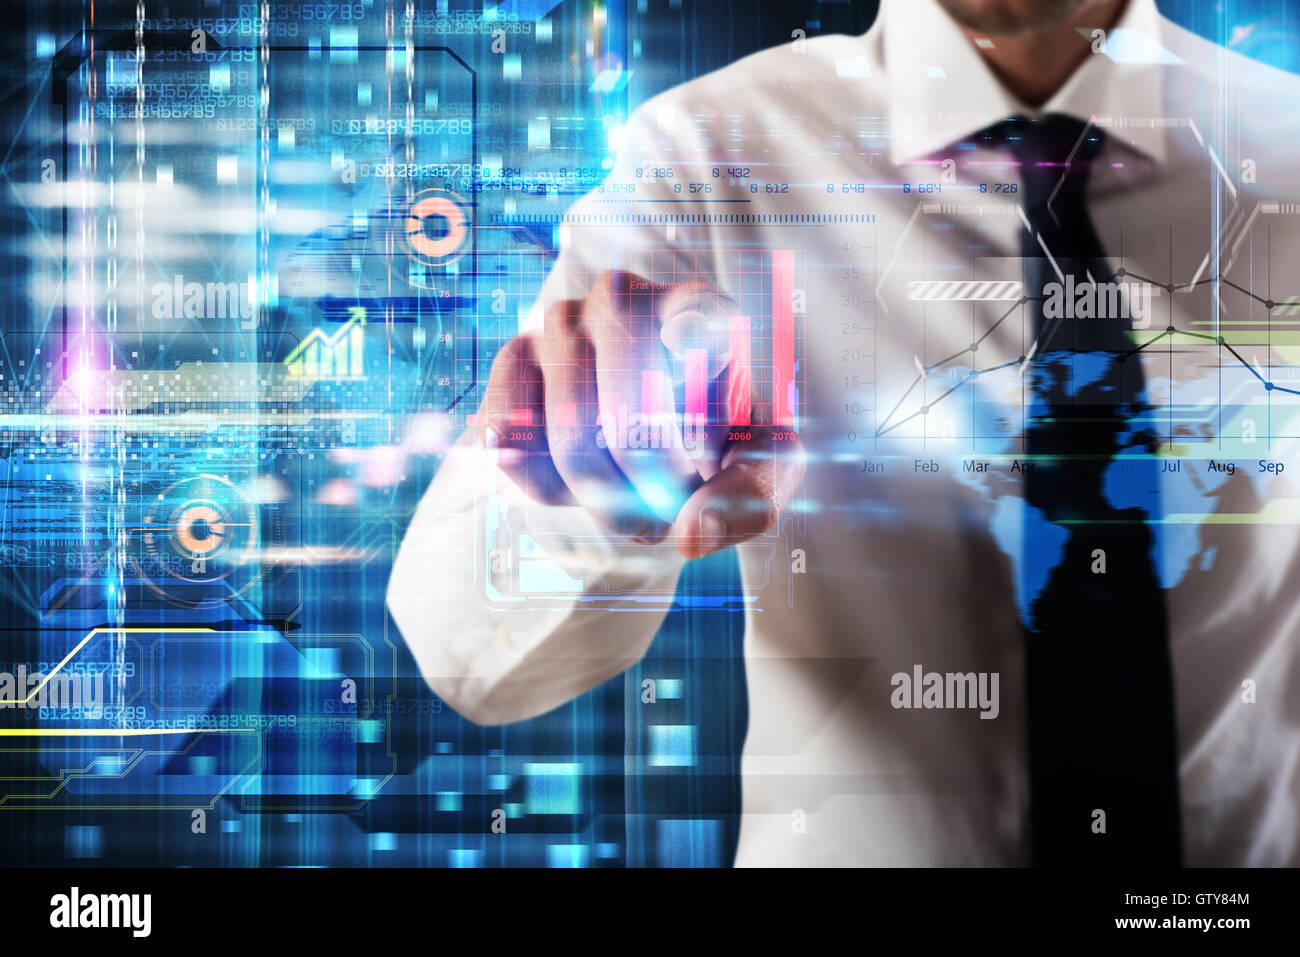 Sistema profesional de pantalla virtual Imagen De Stock